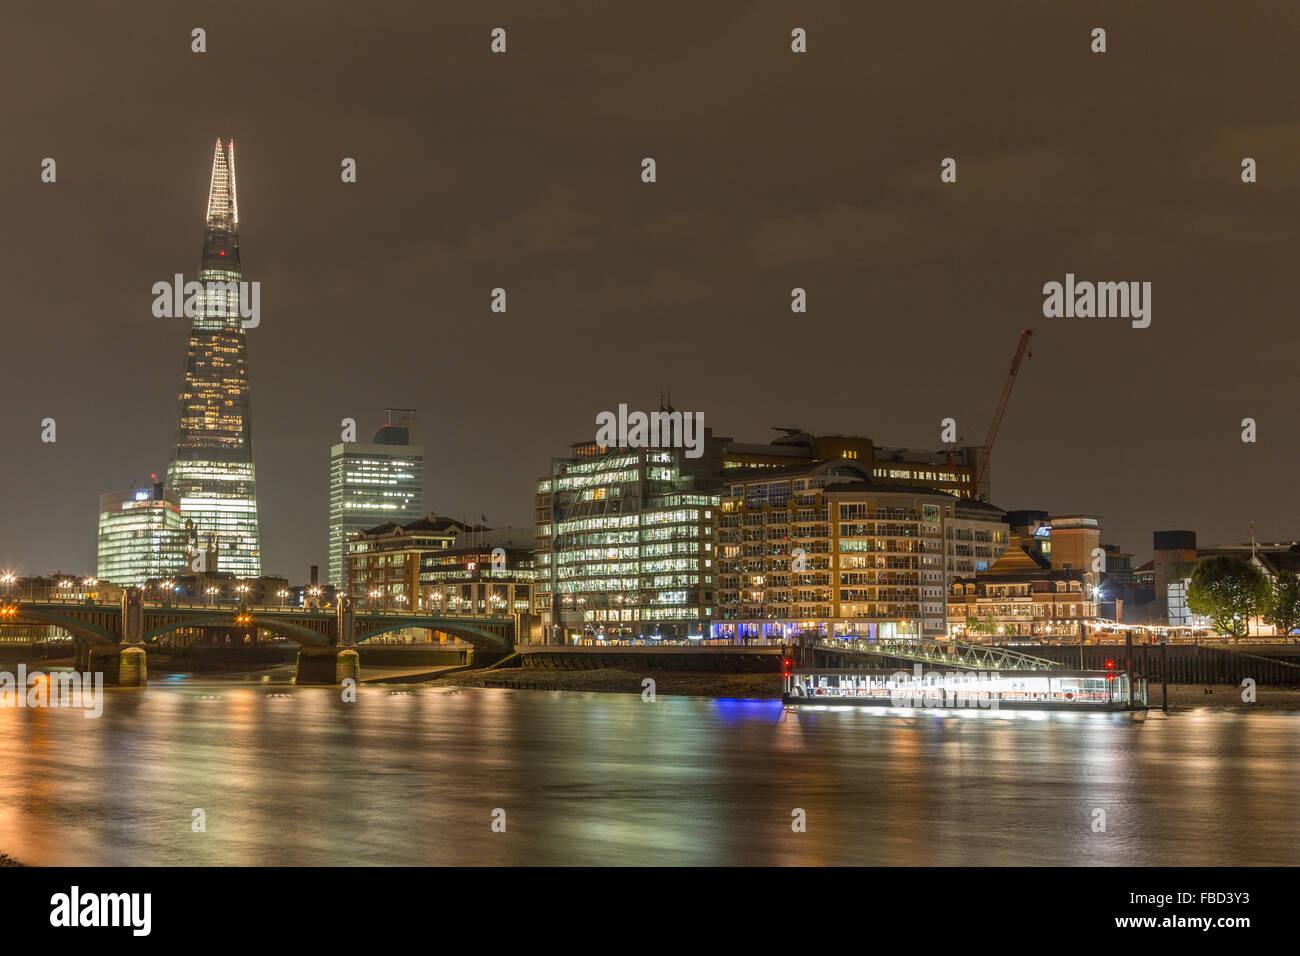 The Shard, London, United Kingdom - Stock Image